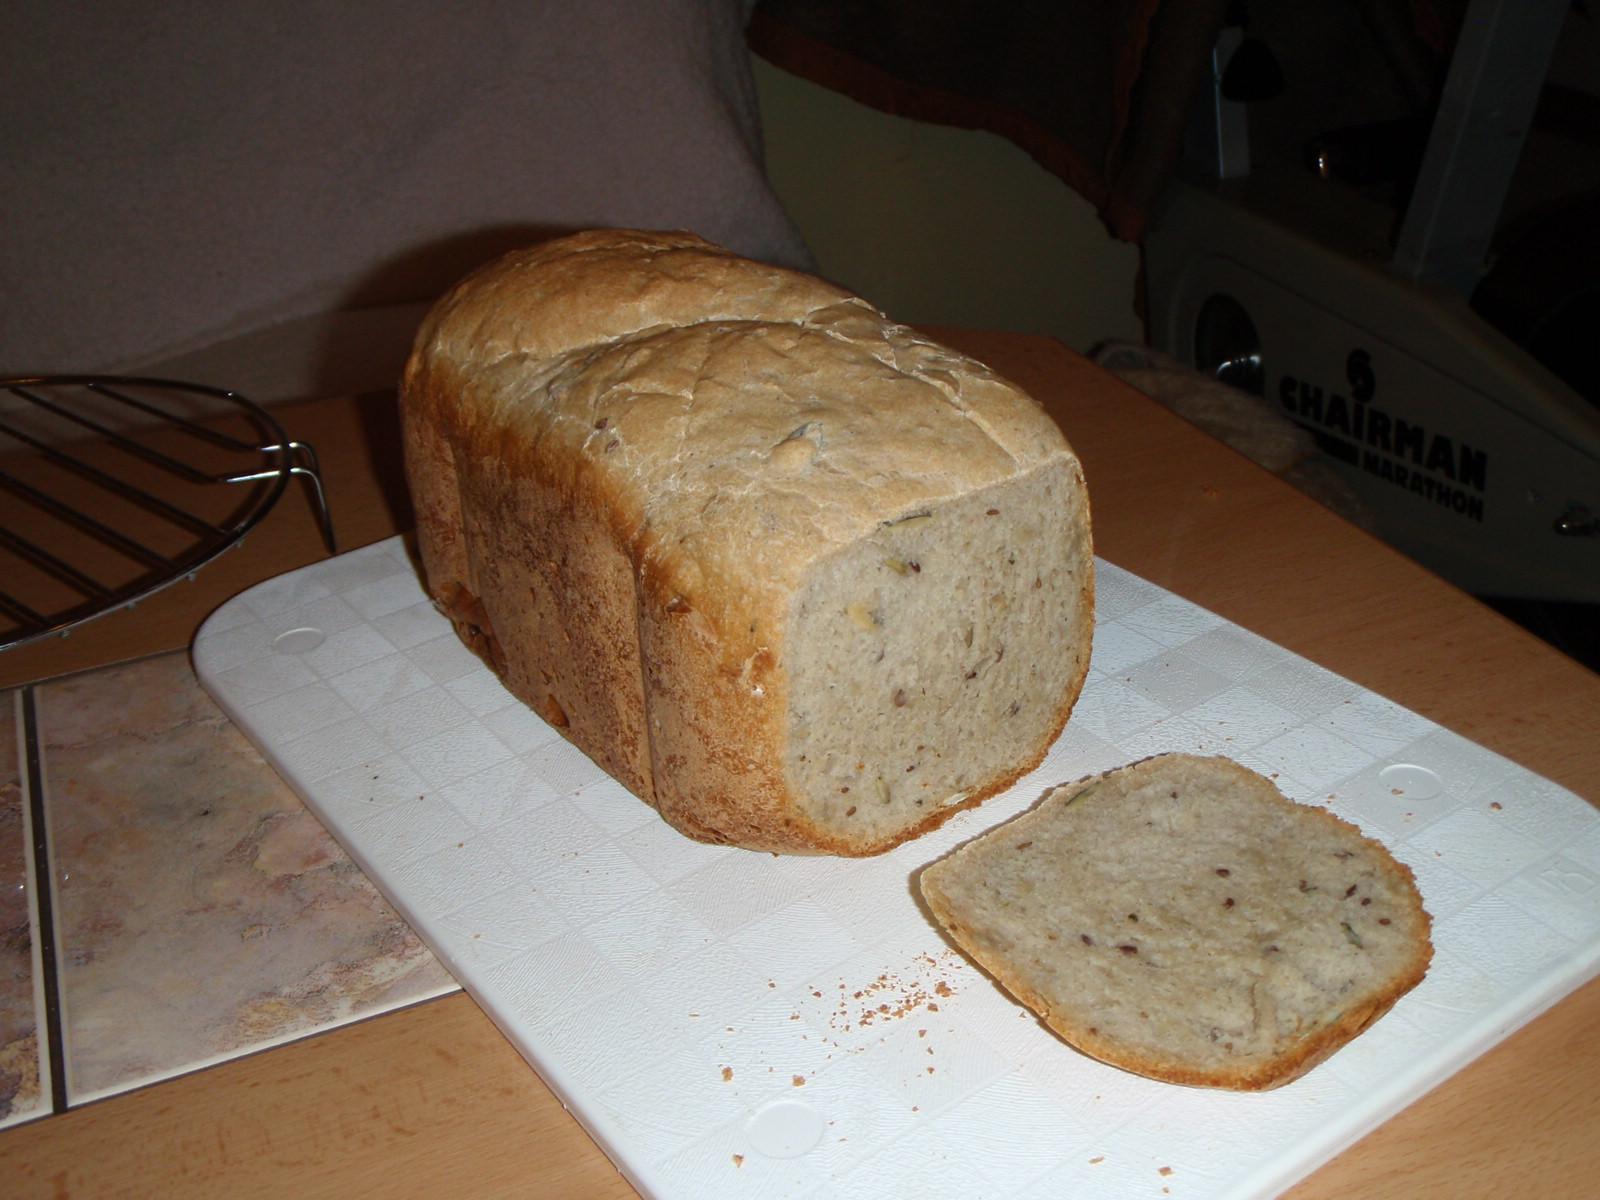 Semínkový chléb z domácí pekárny